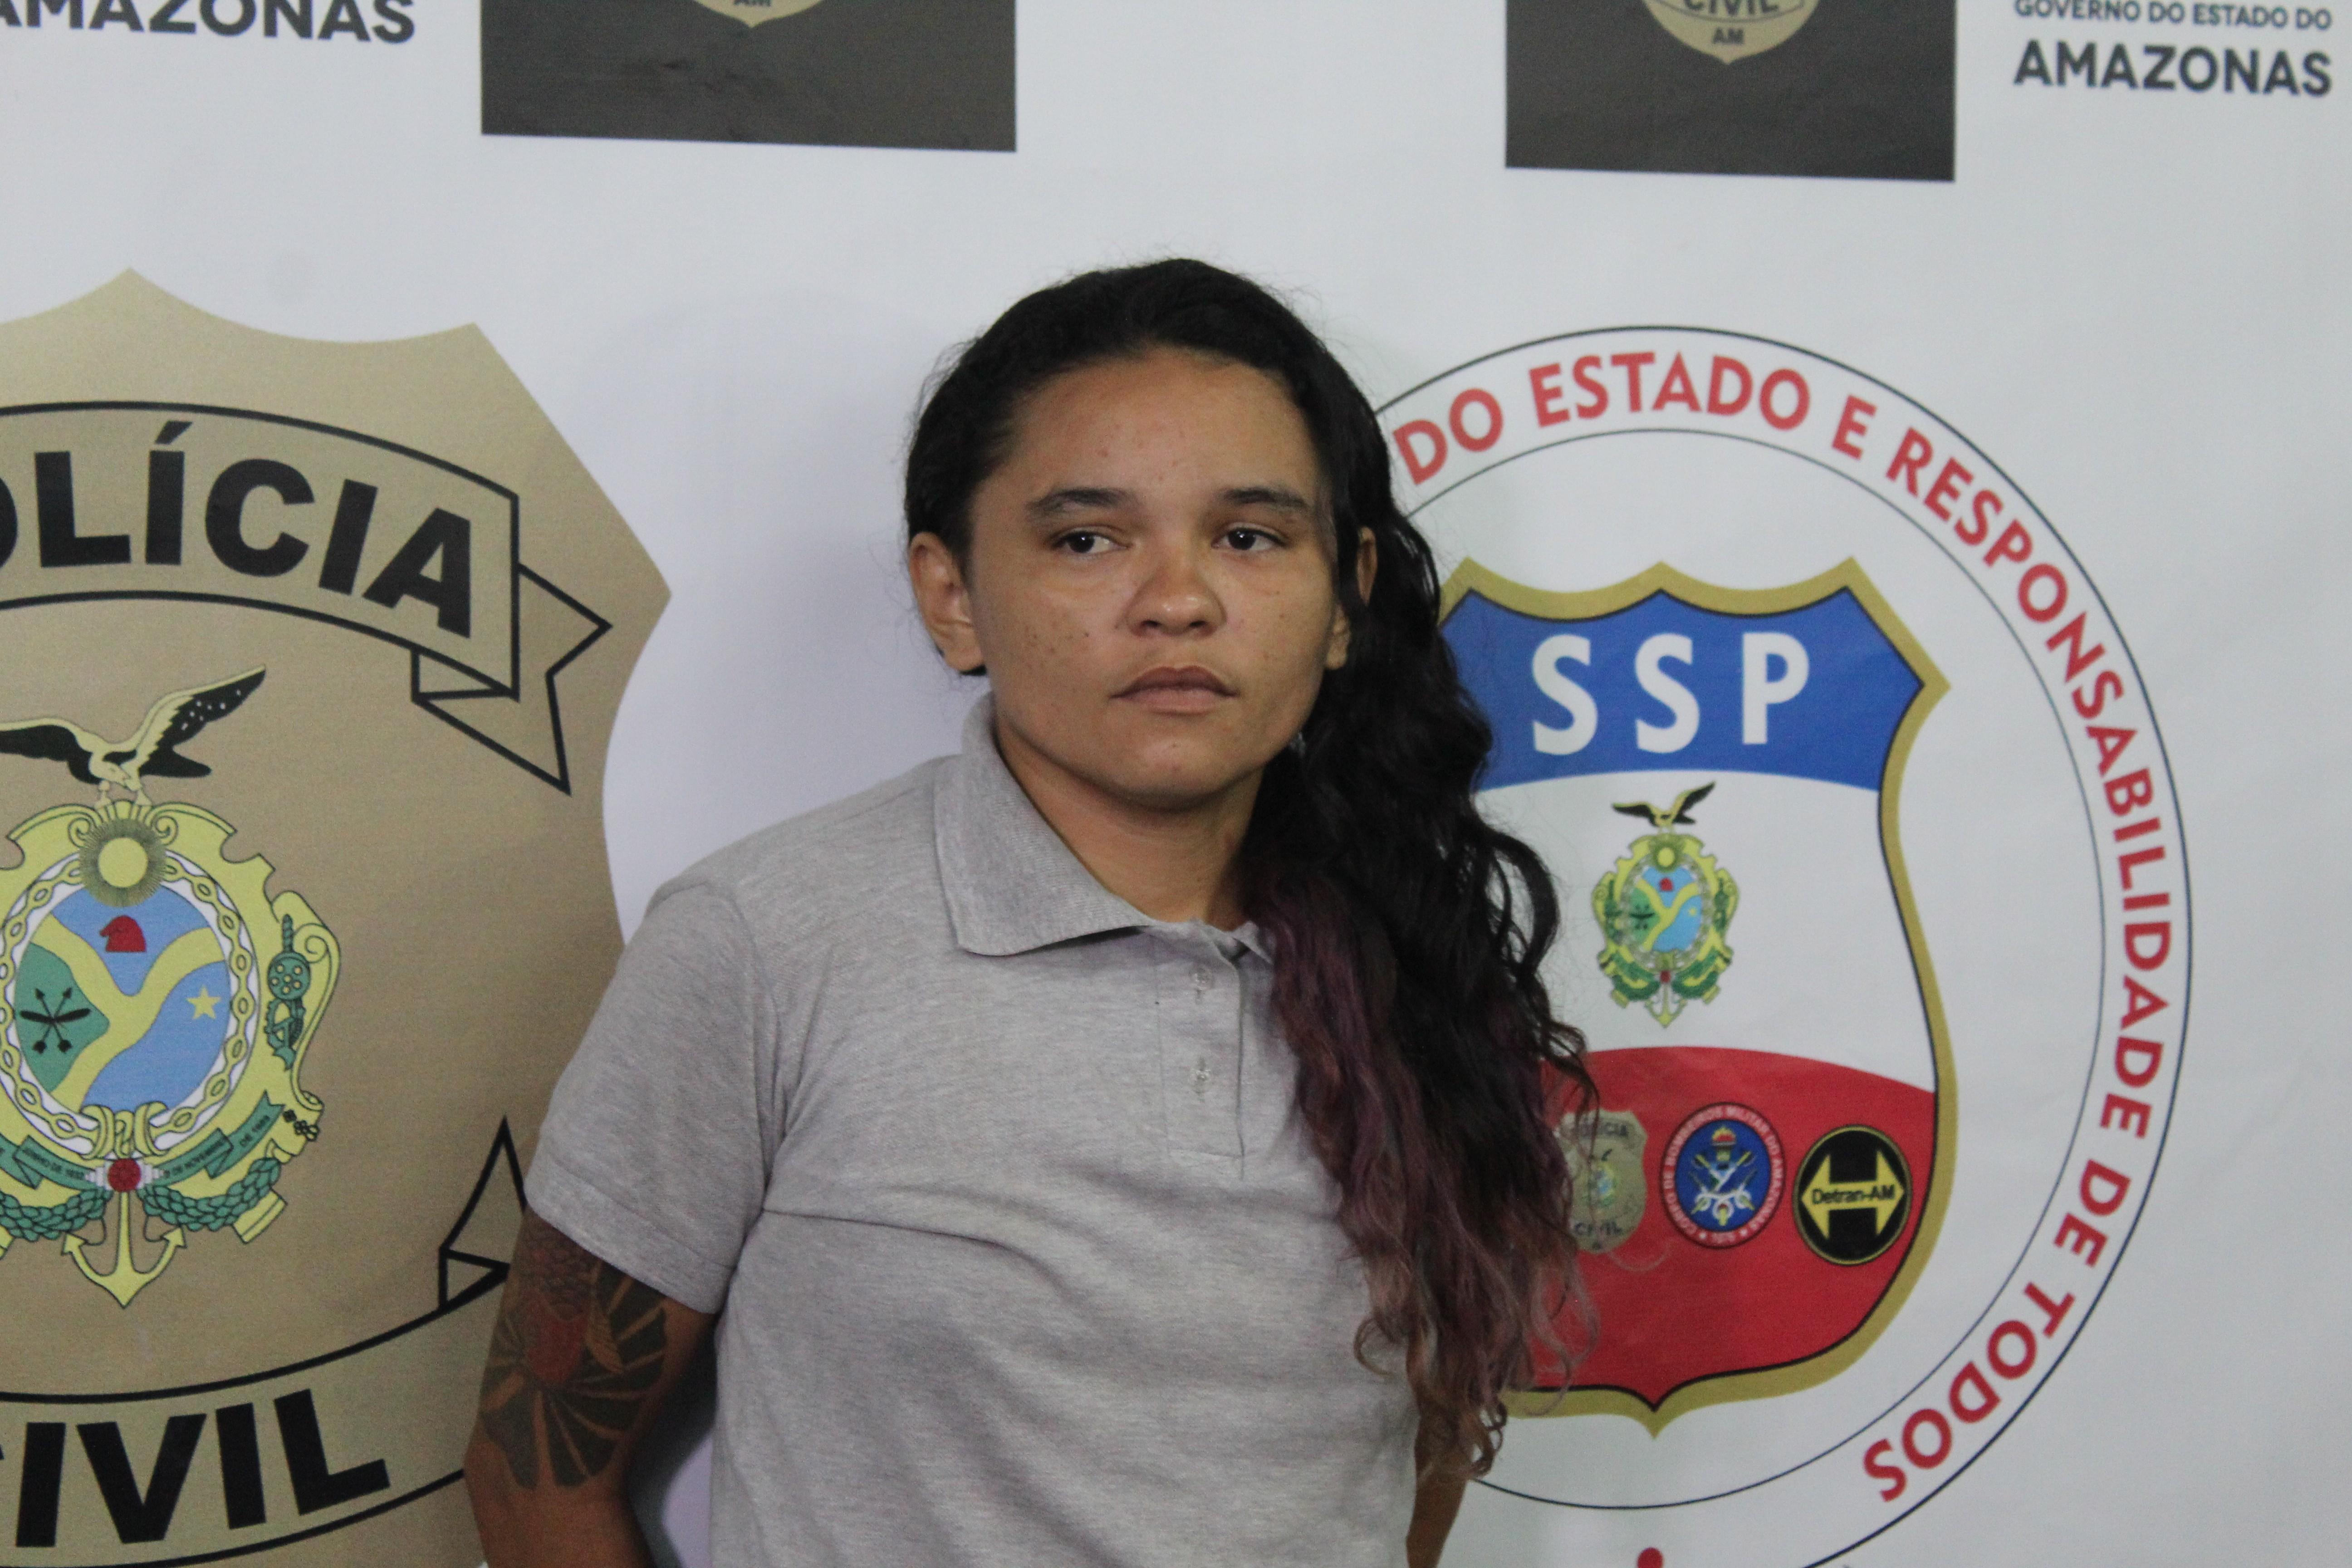 Suspeita de roubar moto de sargento da PM se entrega à polícia, em Manaus